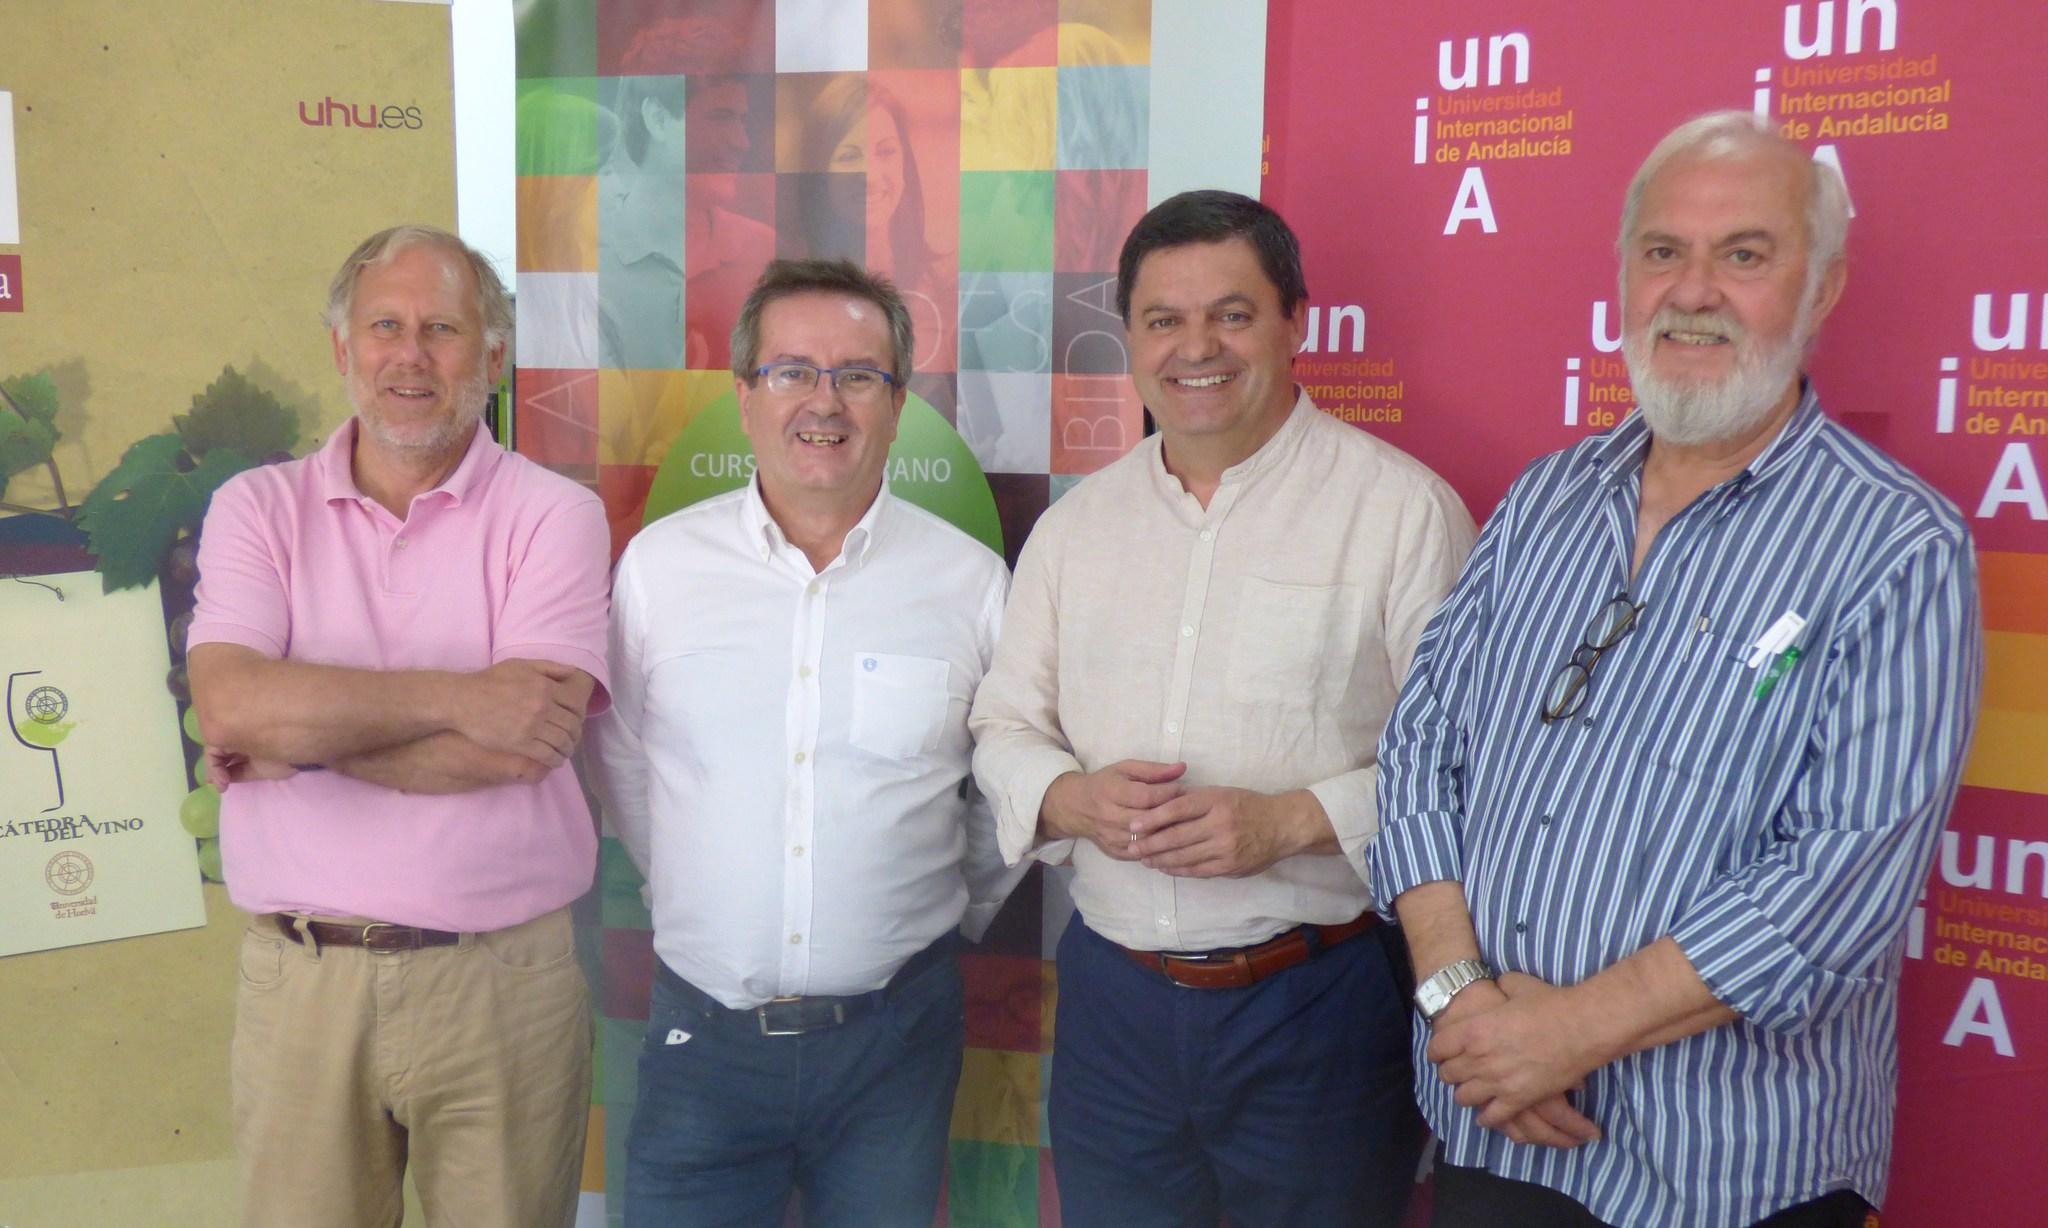 Agustín Lara en compañía de los responsables y ponentes del curso sobre vino.